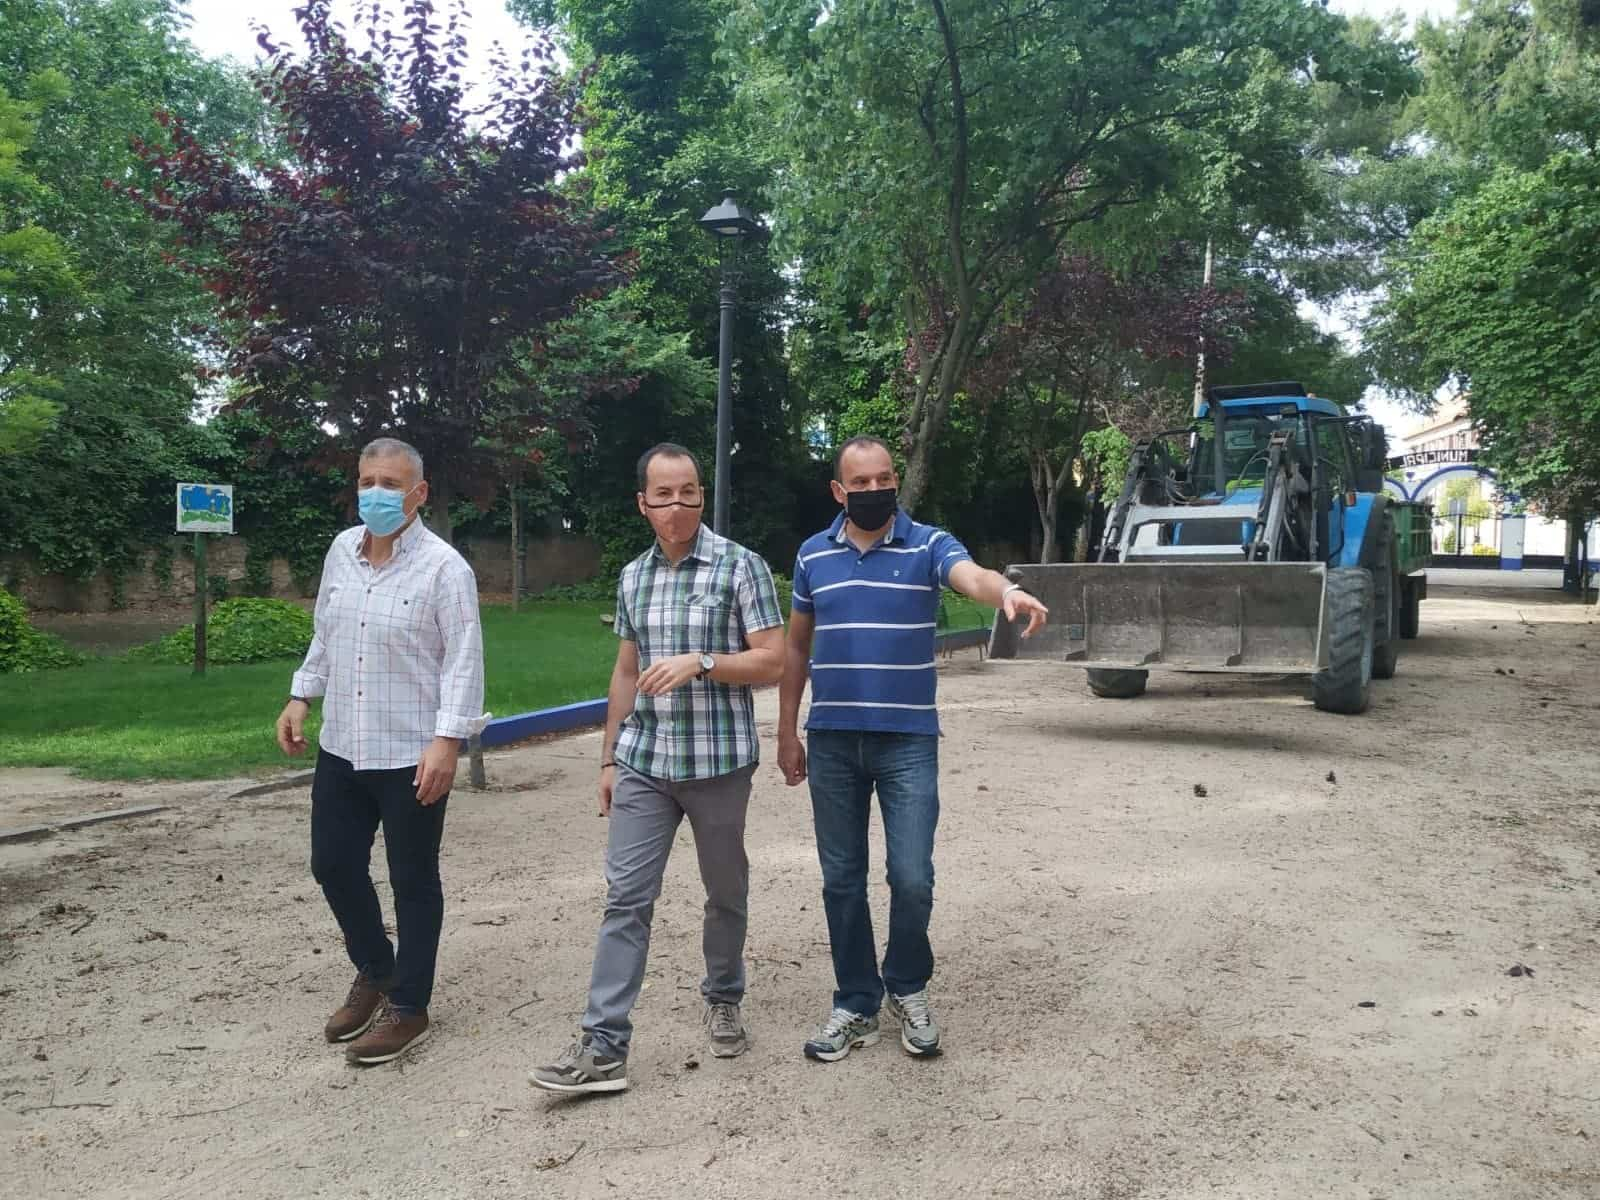 remodelacion parque municipal herencia 1 - El Parque Municipal de Herencia finaliza sus obras de remodelación